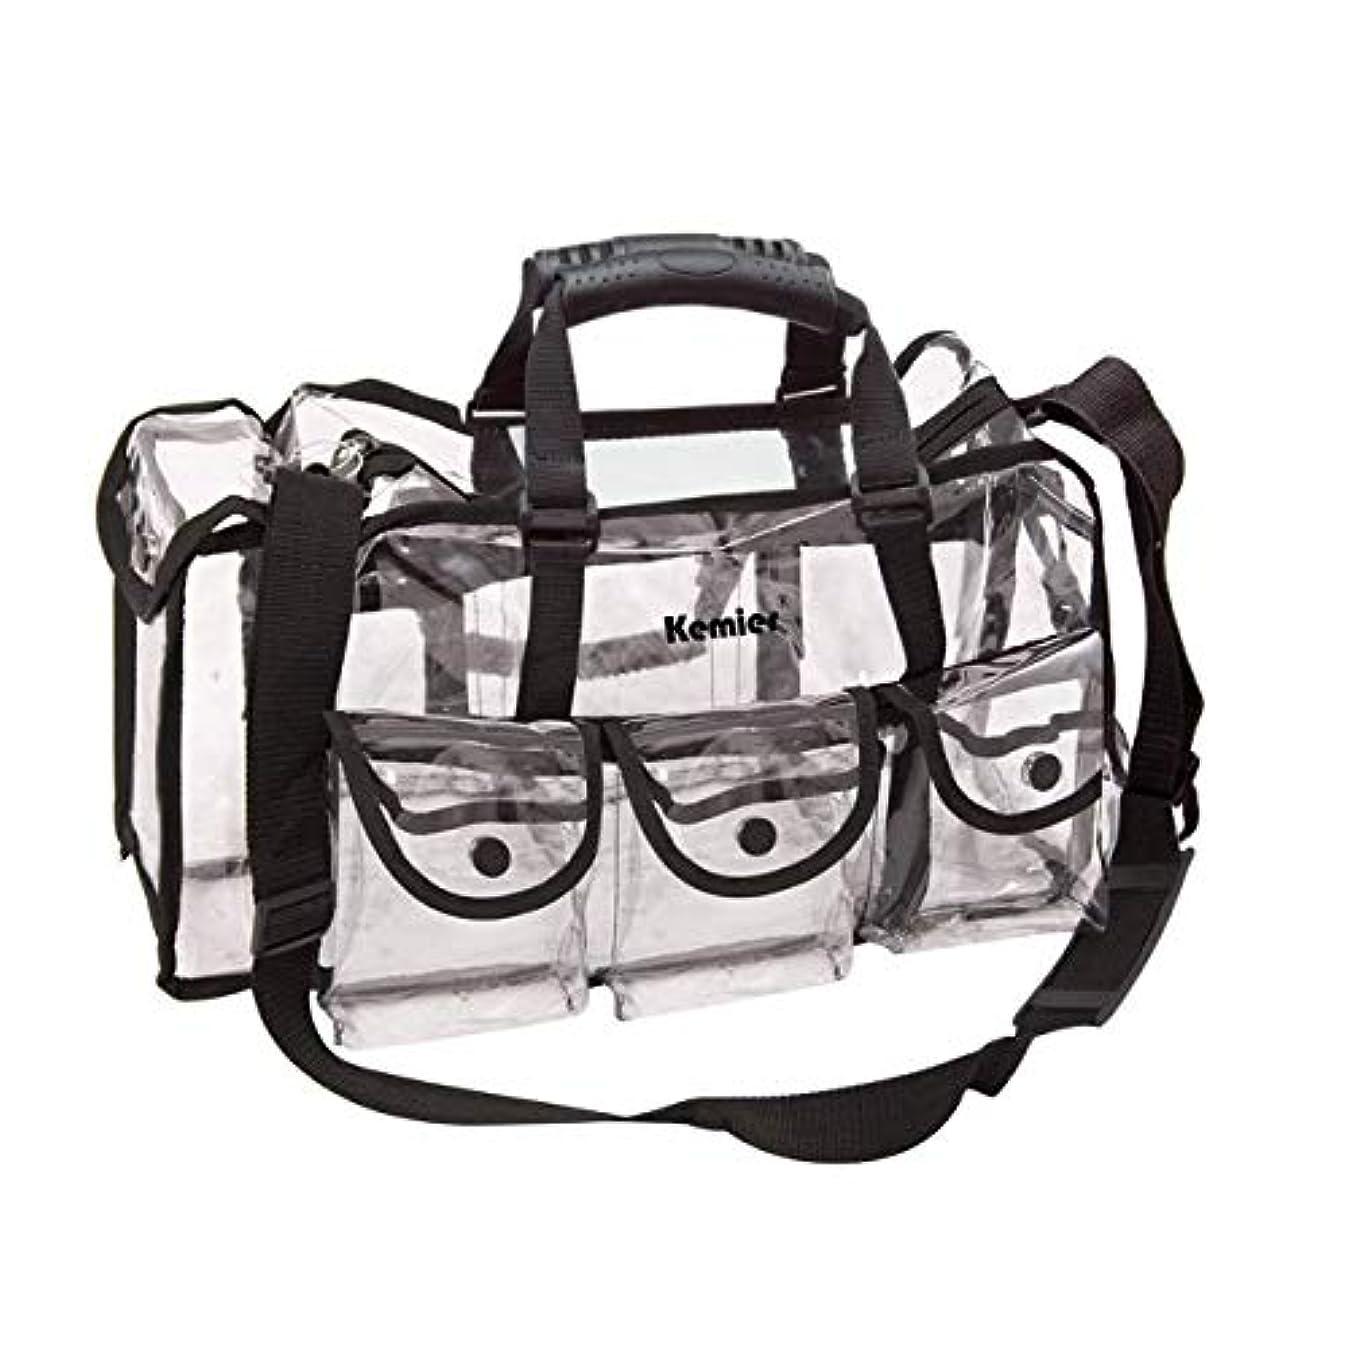 シソーラス苦難老朽化したKemier 透明 ハンドバッグ 機能的 コスメポーチ メイクポーチ メイクケース 小物入れ 化粧道具 整理整頓 軽量 防水 旅行 小物入れ 6つの外側ポケット付き